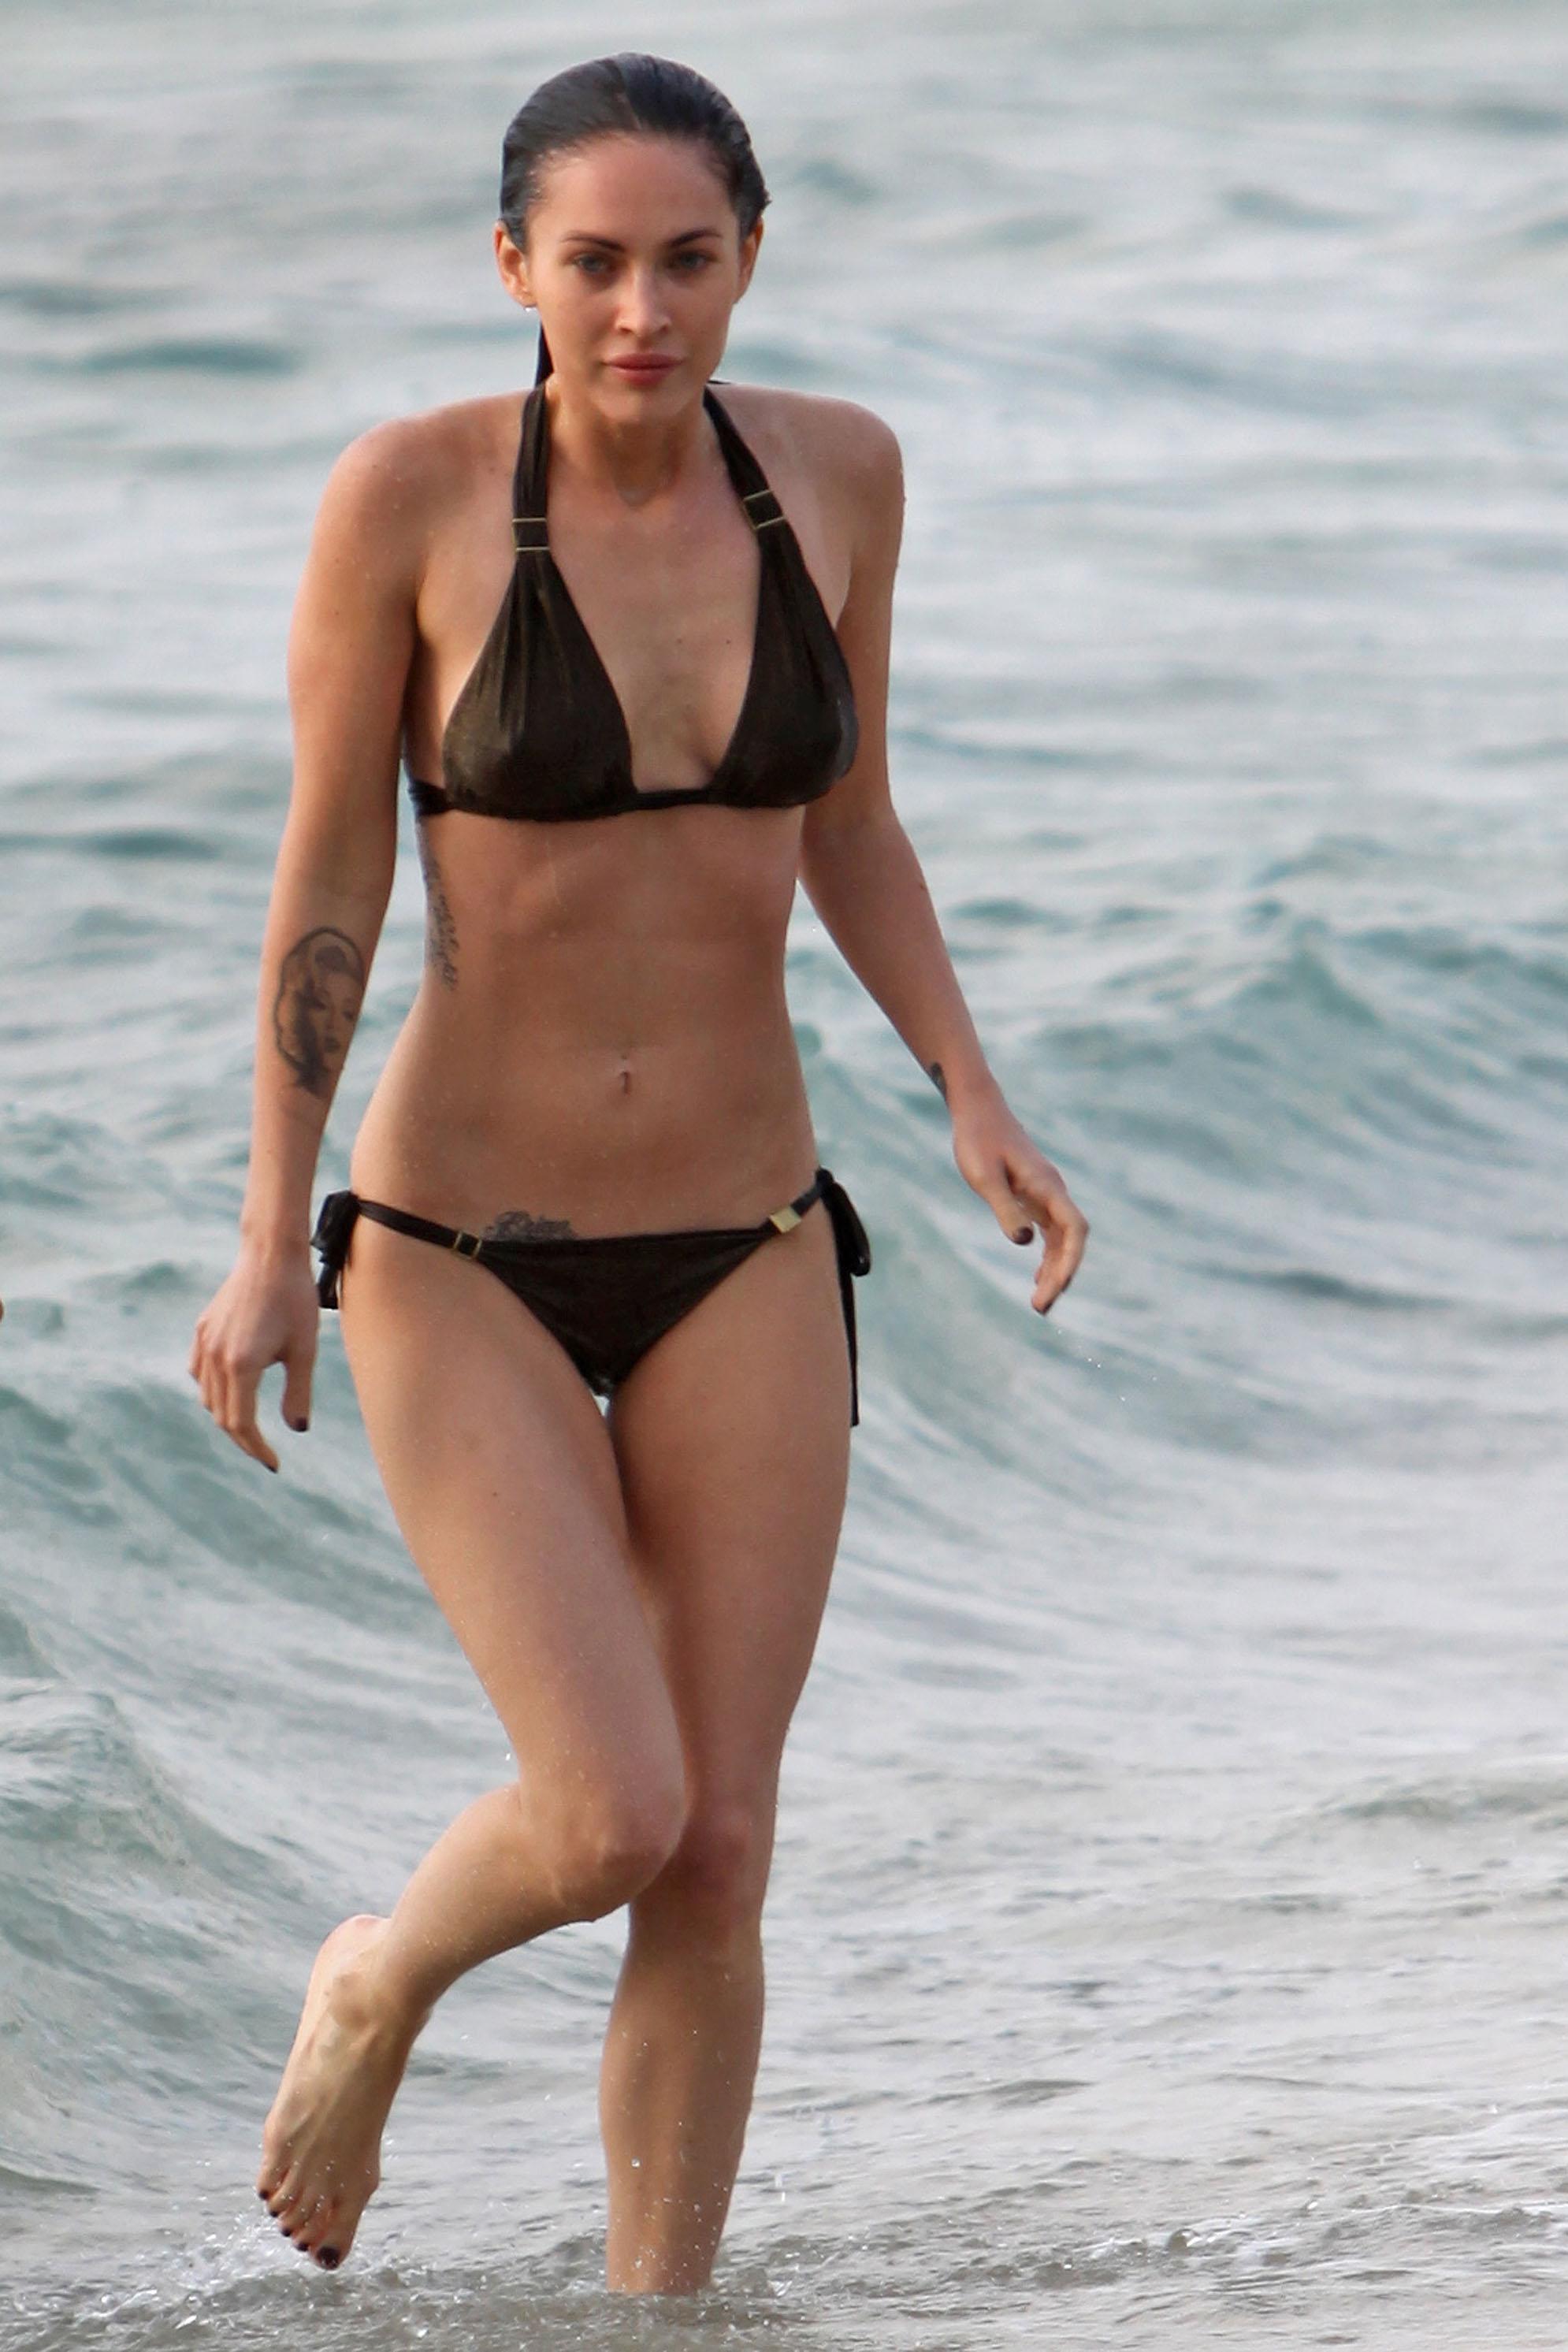 megan-fox-in-a-black-bikini-maui-may-2010-25-hq-pics-03 - GotCeleb Megan Fox